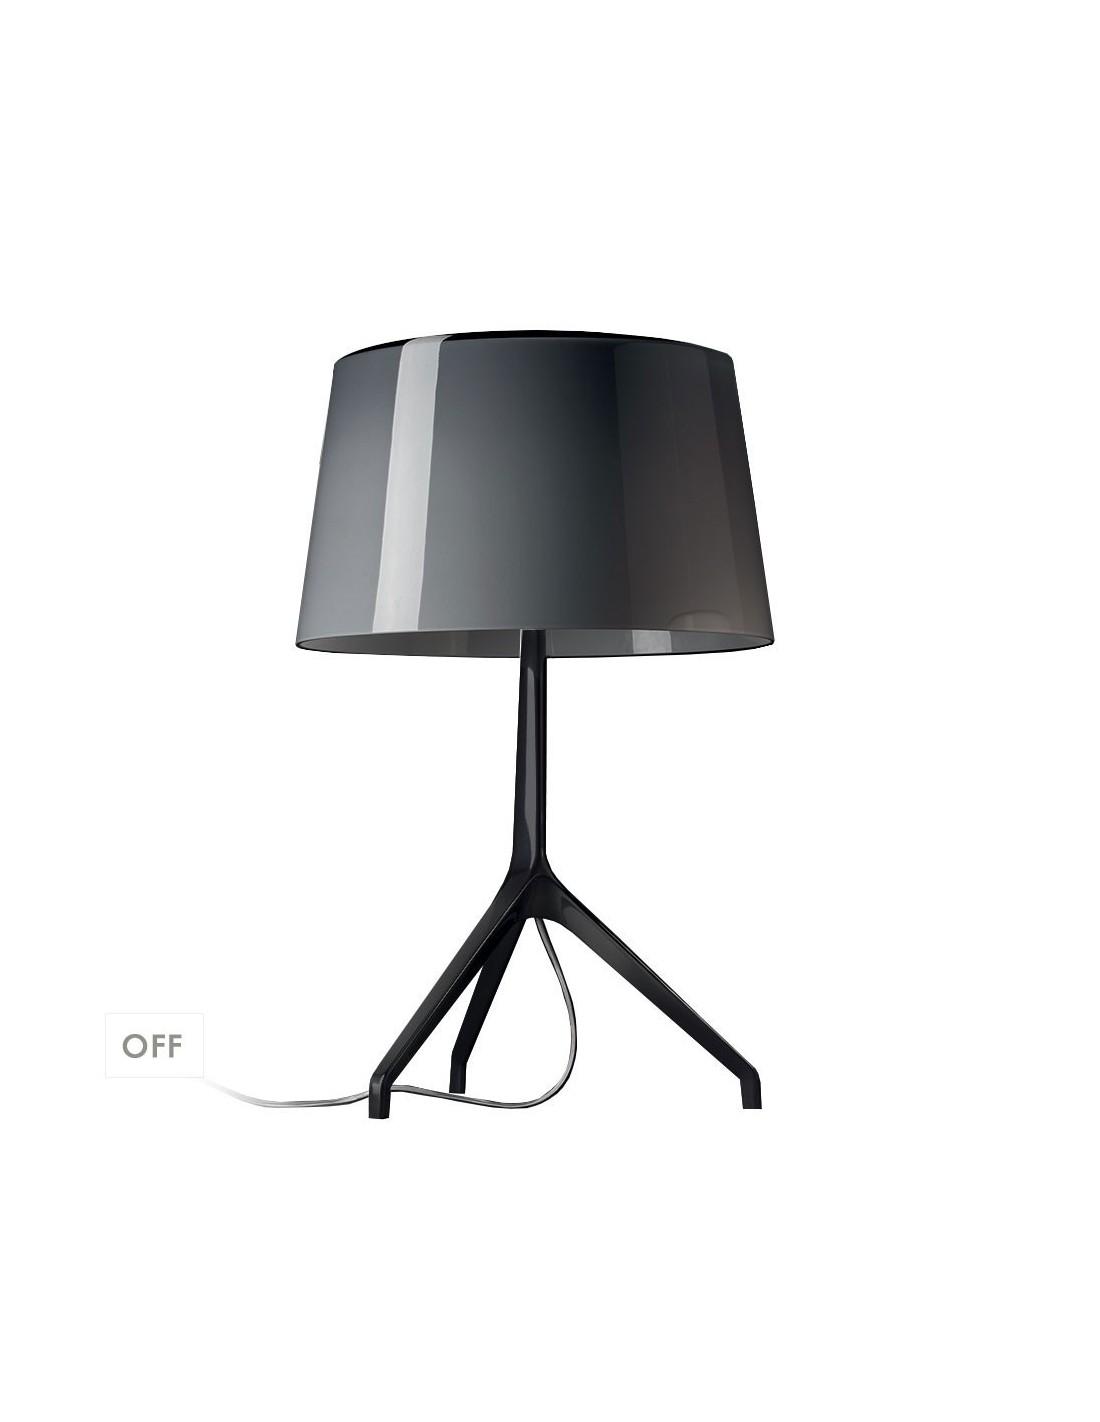 lampe de table lumi re xxs chrome noir. Black Bedroom Furniture Sets. Home Design Ideas